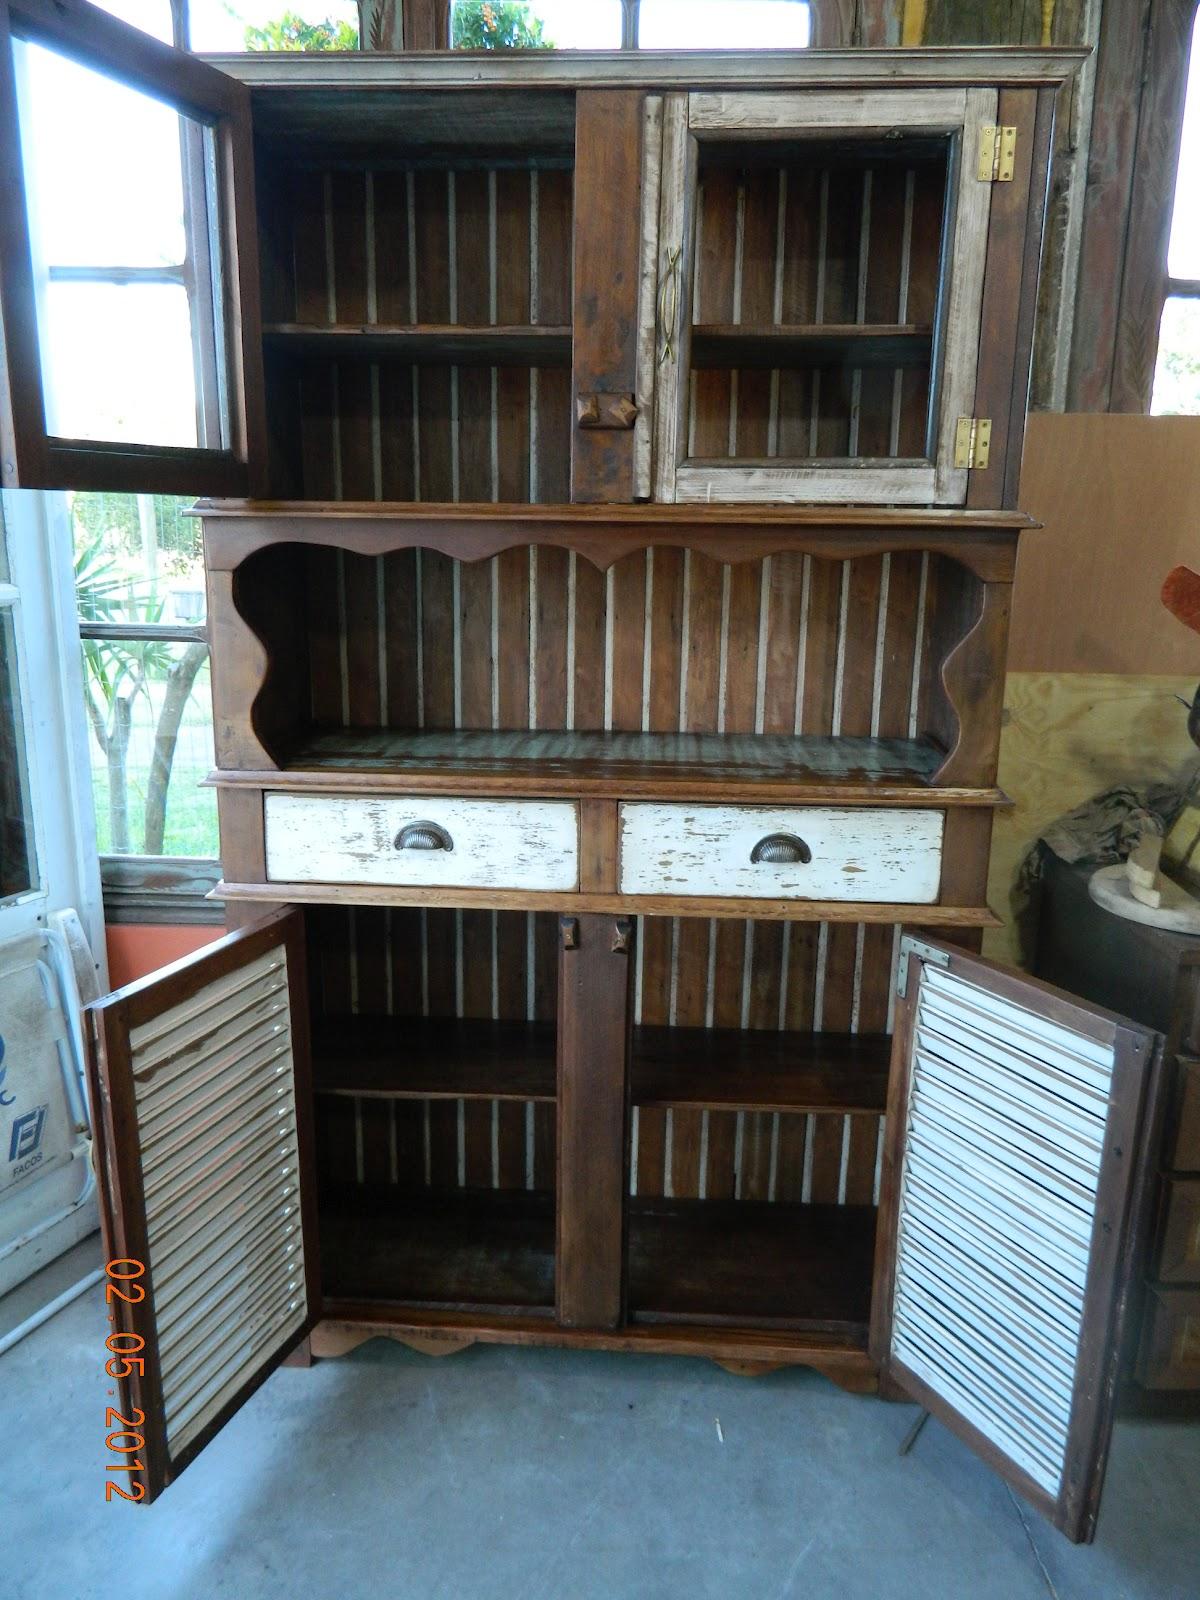 reciclando: Como fazer um armário com madeira de demolição #367495 1200x1600